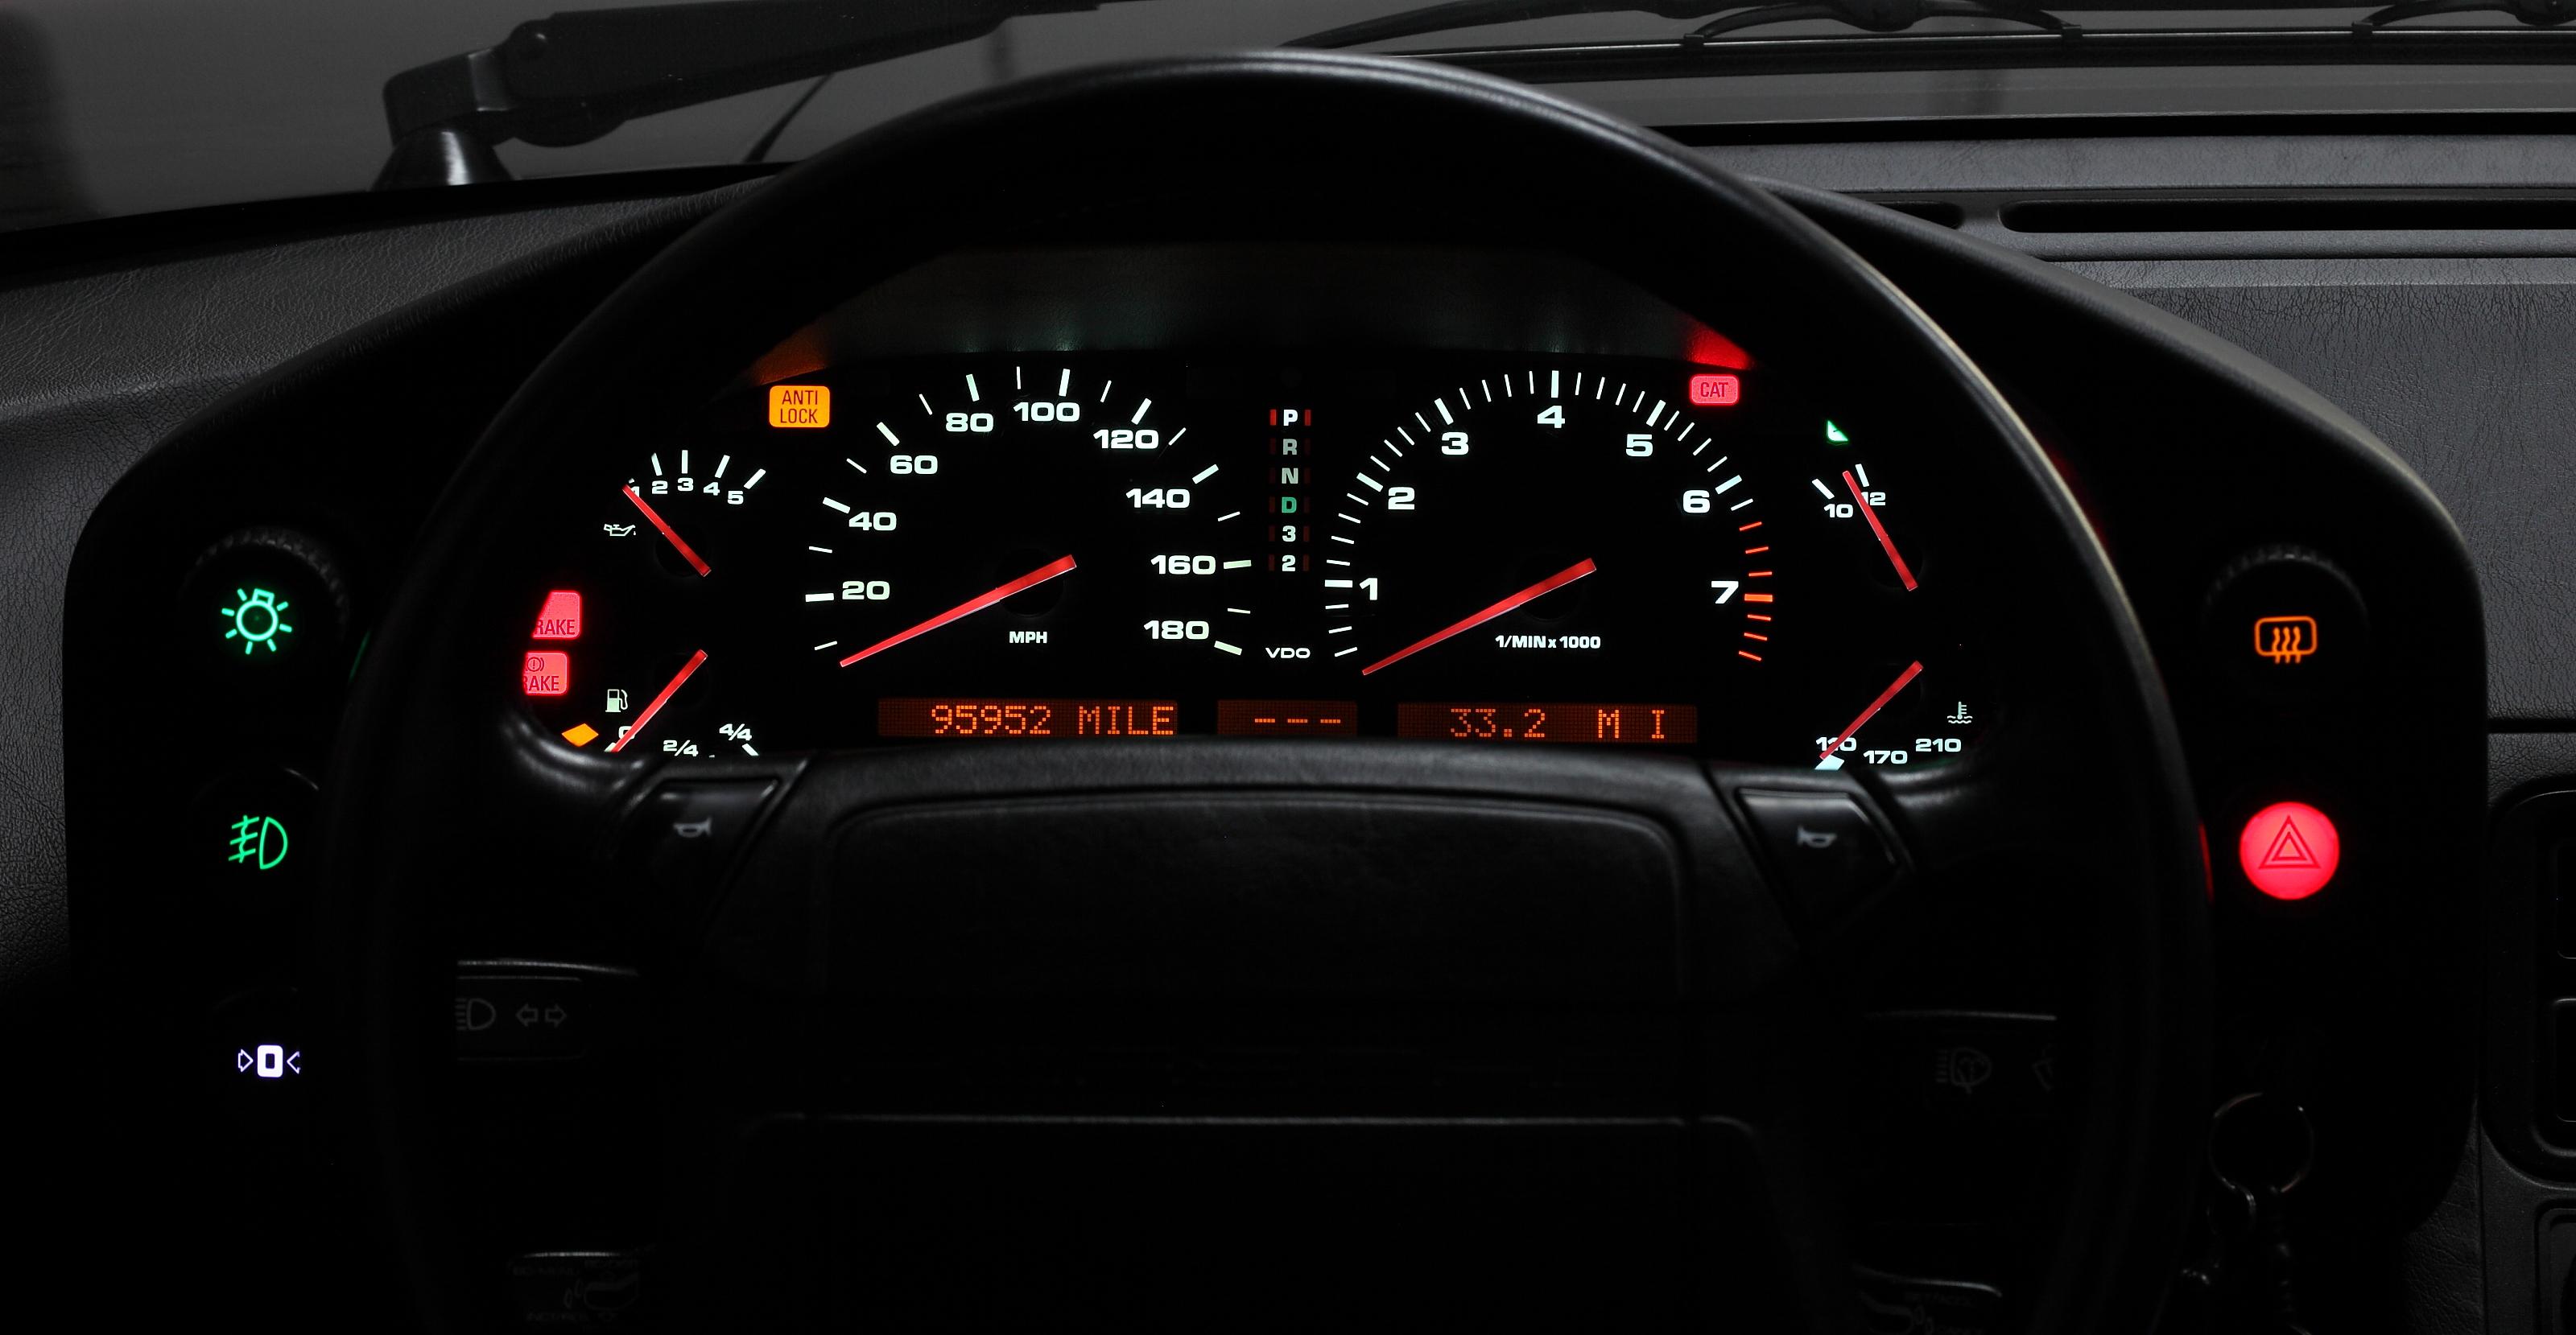 Porsche 928 interior porsche 928 interior 1 - Dash Knobs Bulbs Rennlist Porsche Discussion Forums